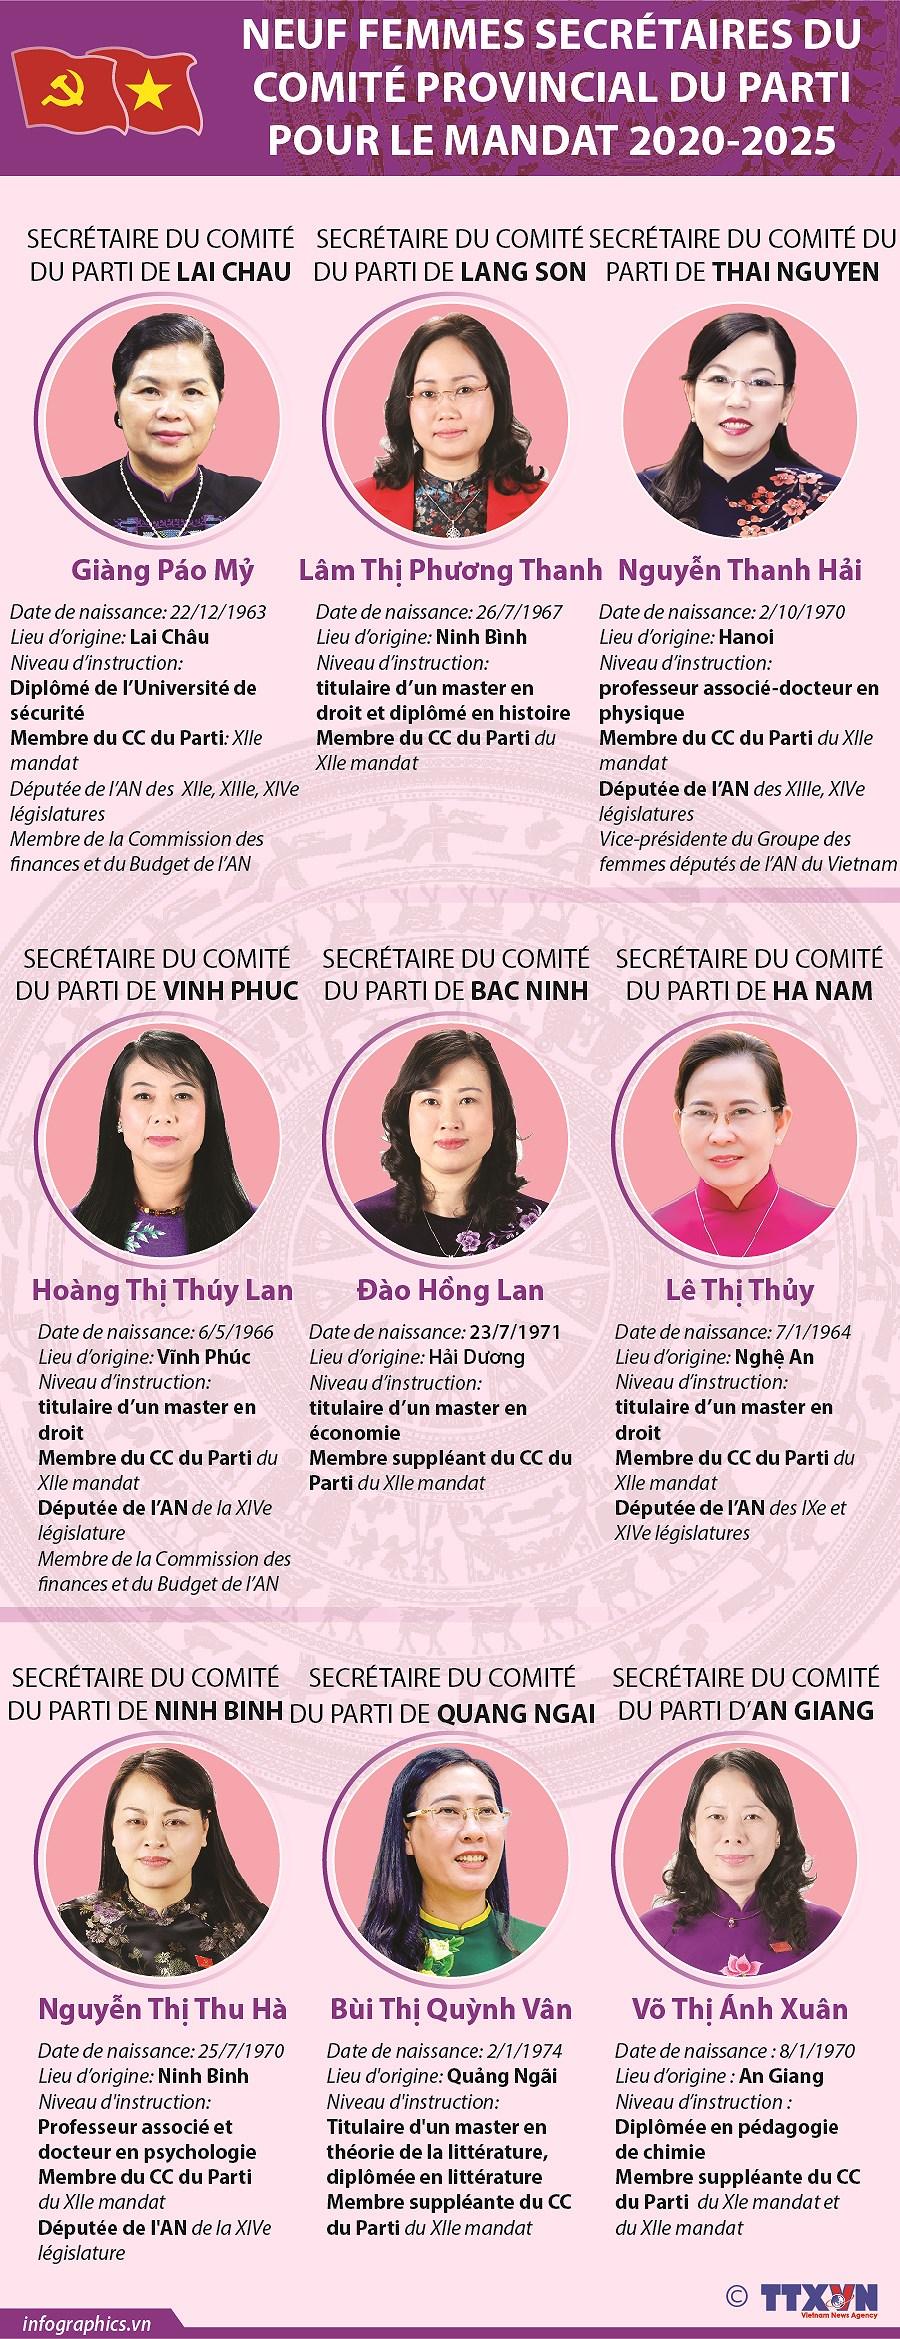 Neuf femmes secretaires du Comite provincial du Parti pour le mandat 2020-2025 hinh anh 1